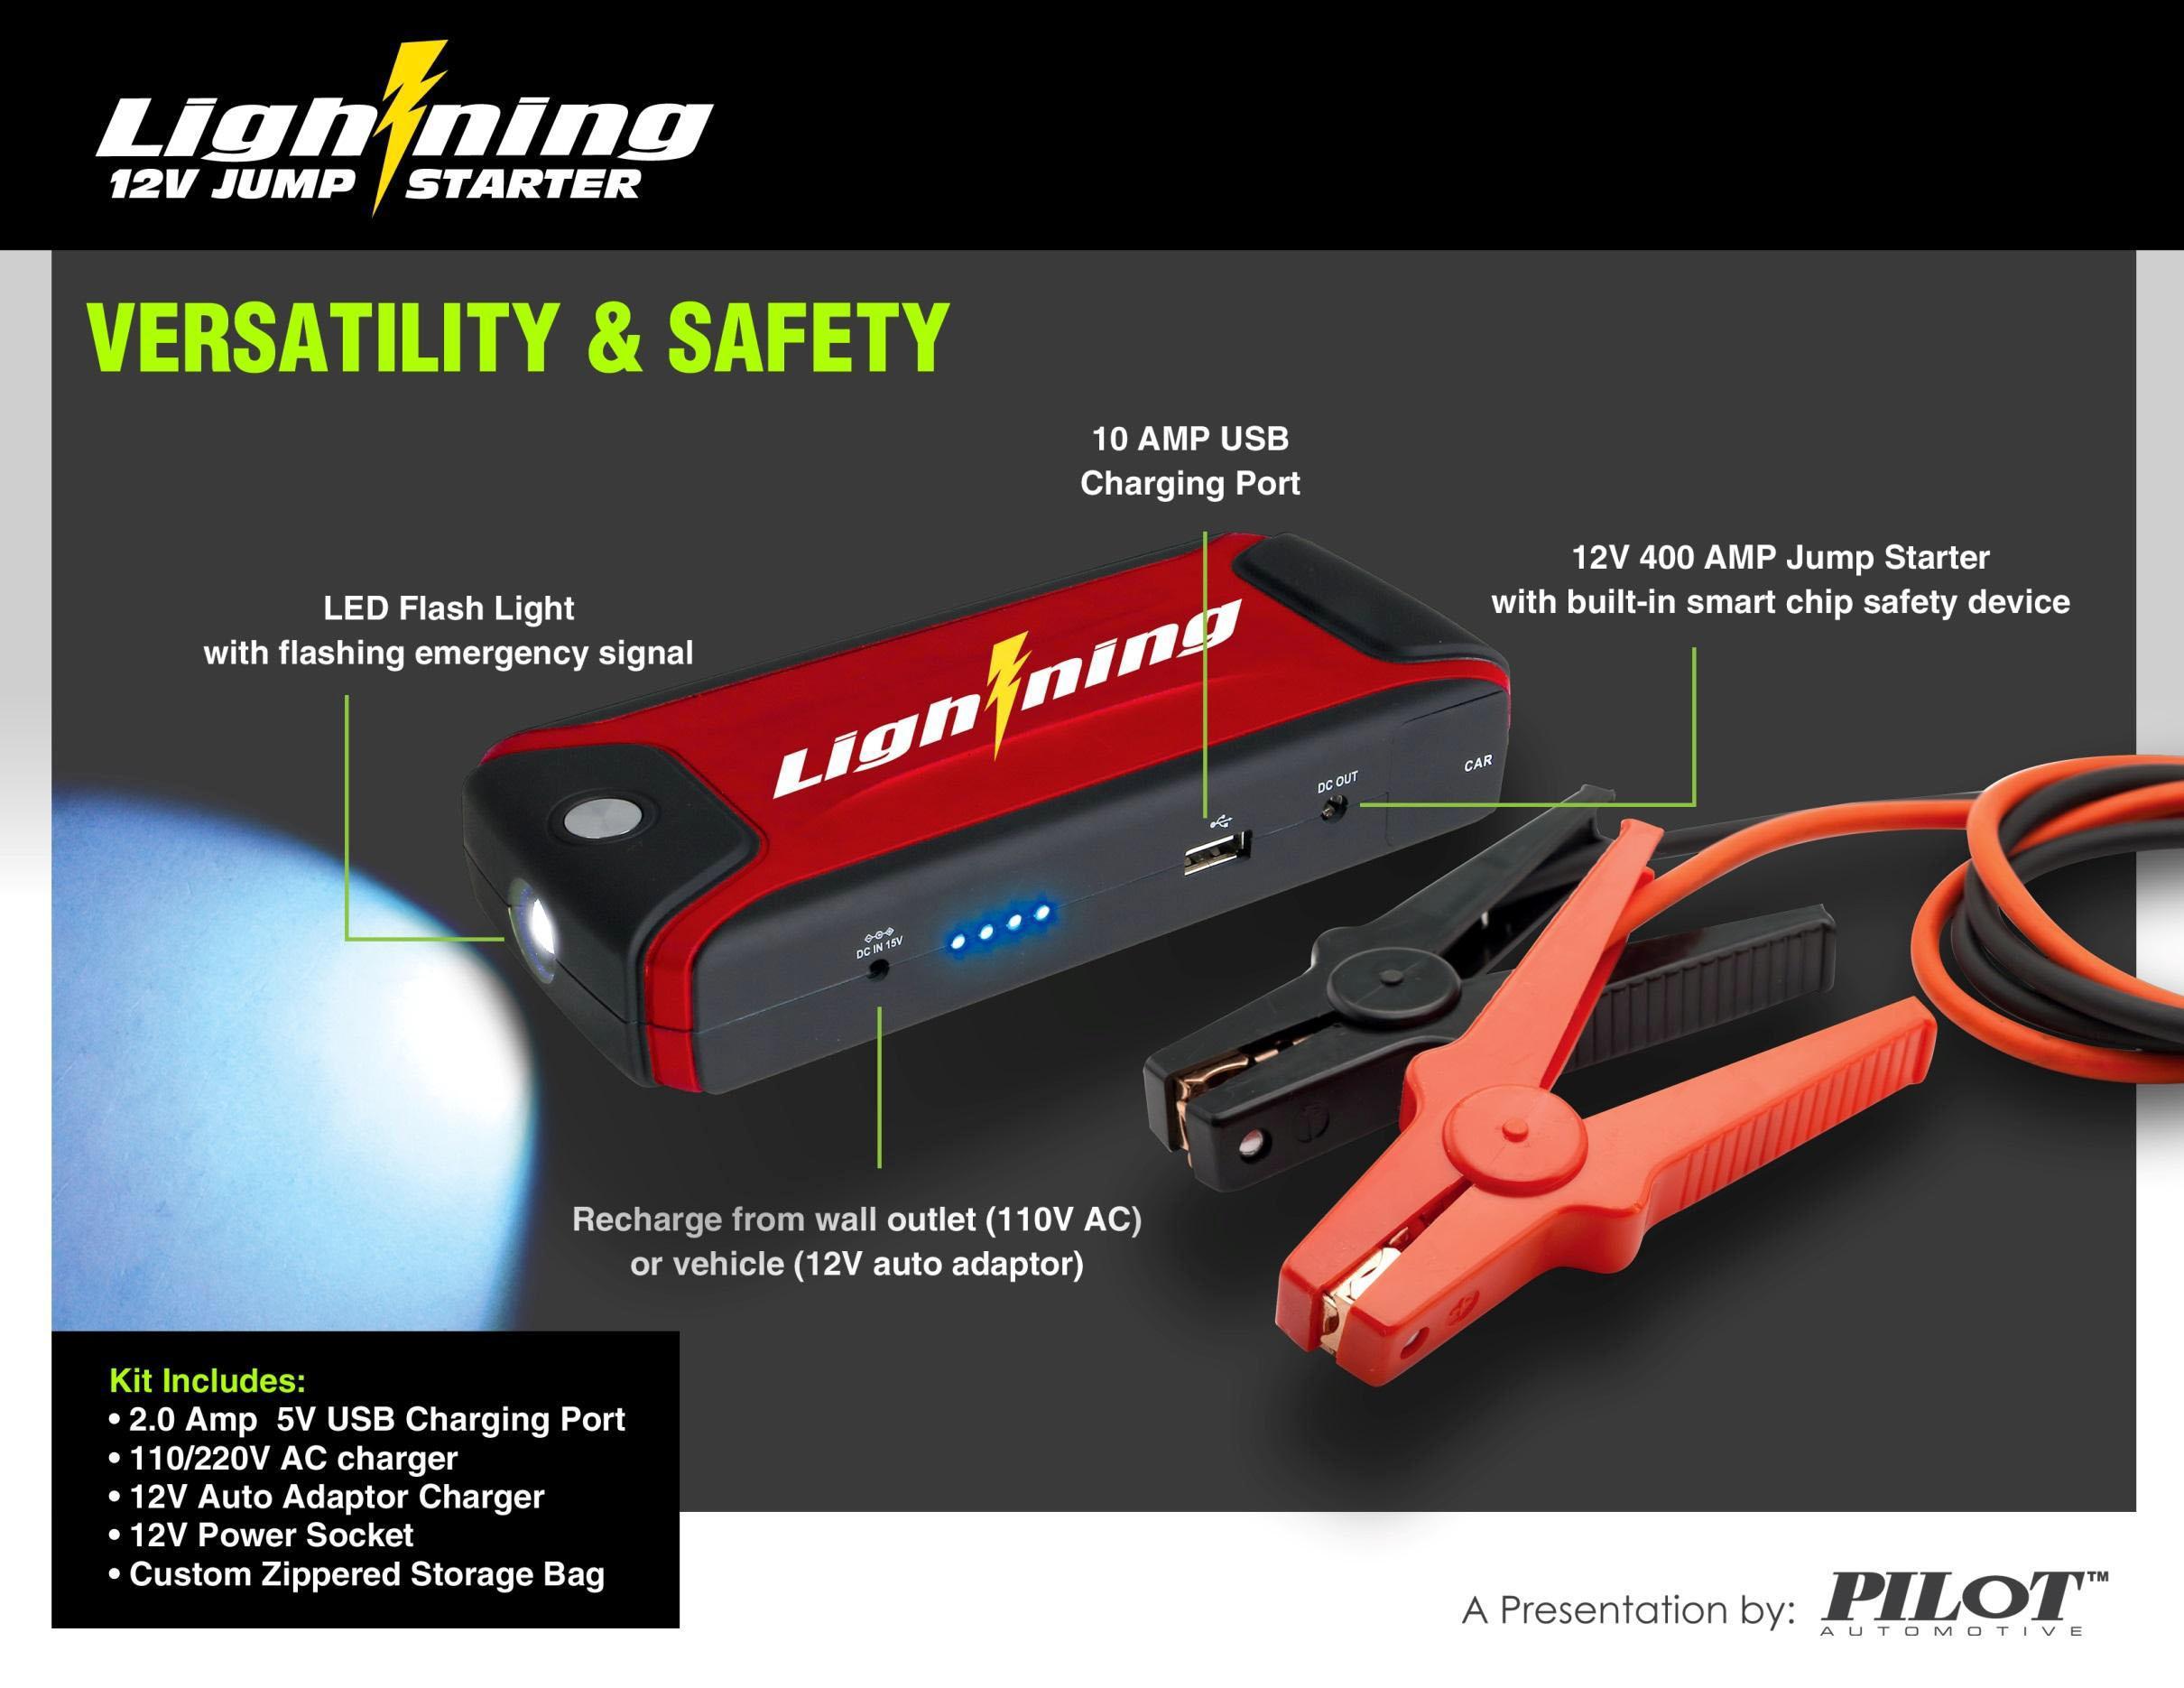 Lightning Power Bank 12V Jump Starter and Mobile Device ...  |Power Source Jump Starter Lightning